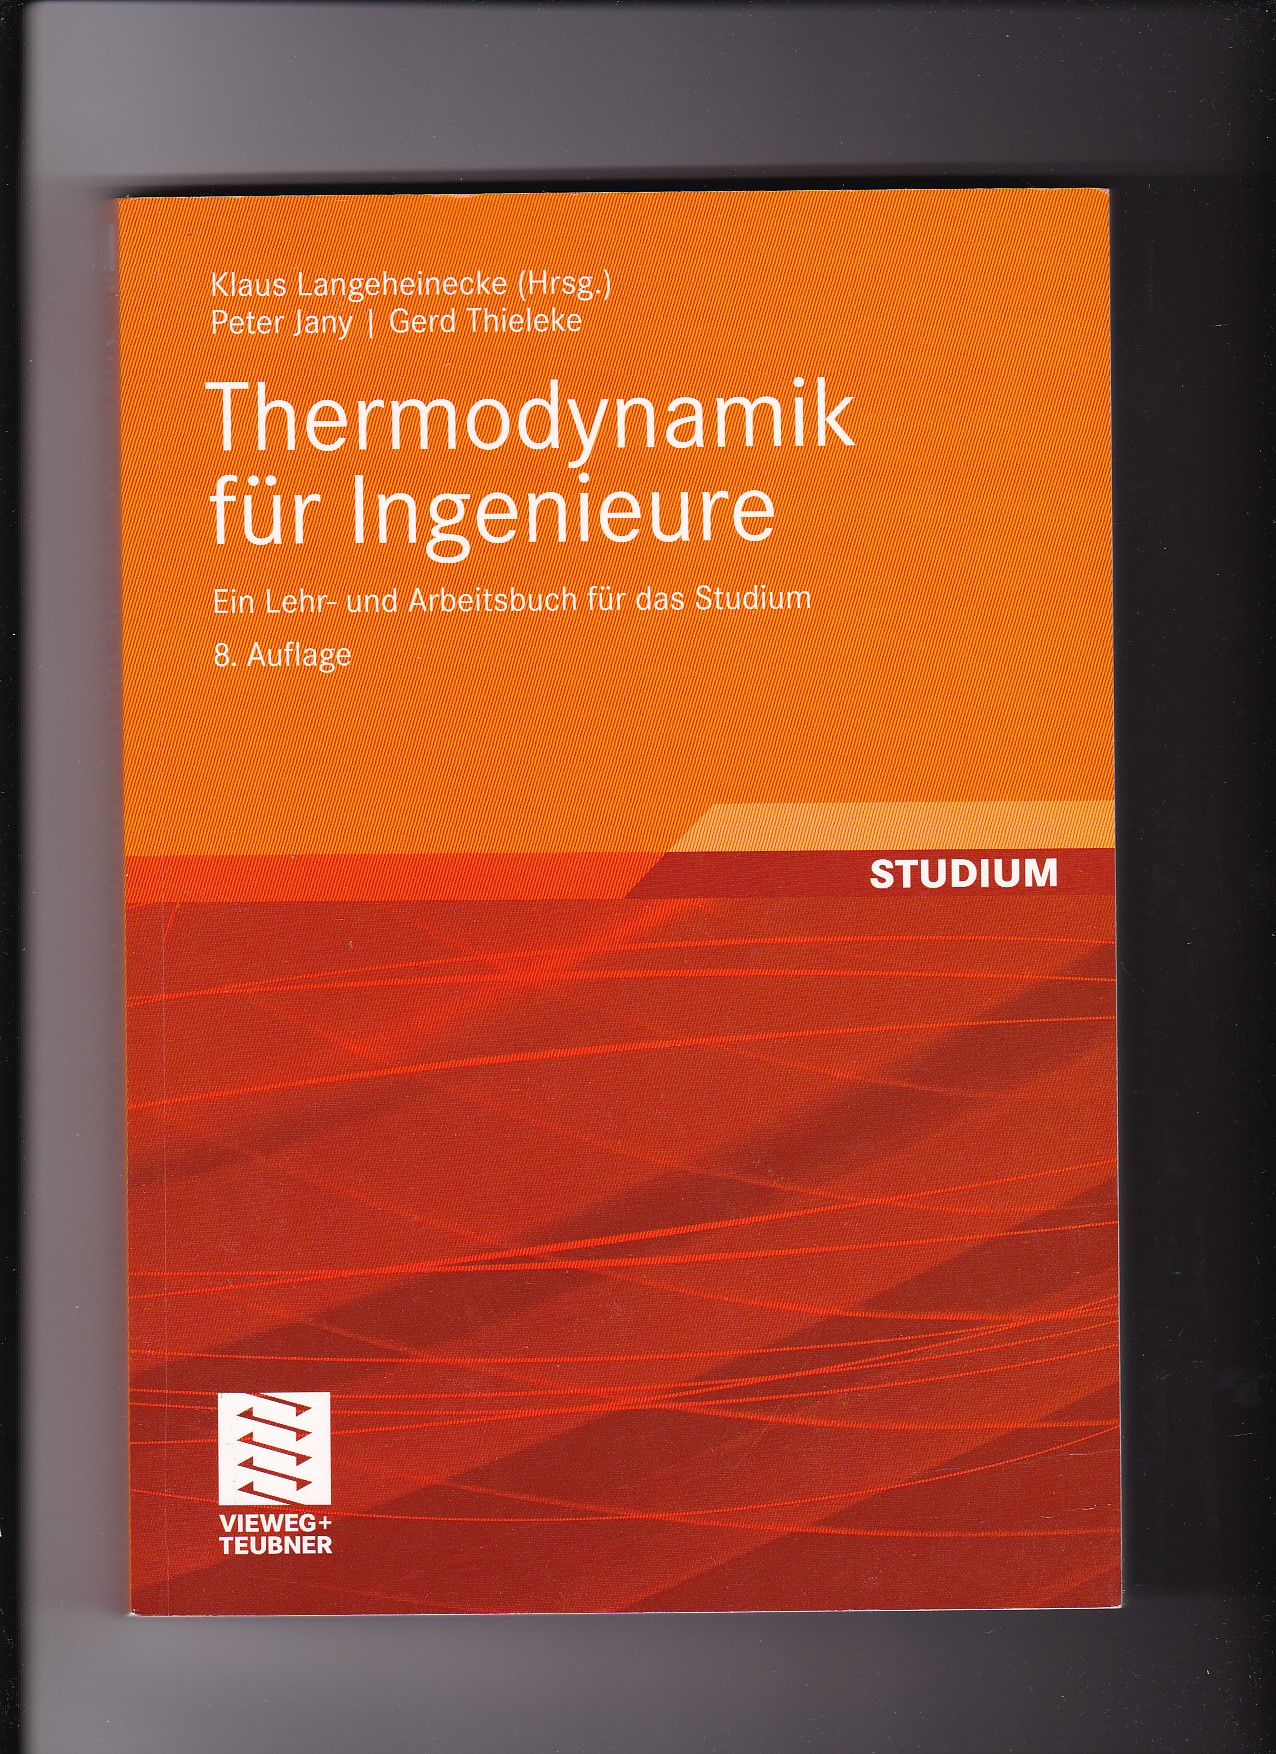 Klaus Langeheinecke u.a., Thermodynamik für Ingenieure - Lehr- und Arbeitsbuch  8. Auflage - Langeheinecke, Klaus